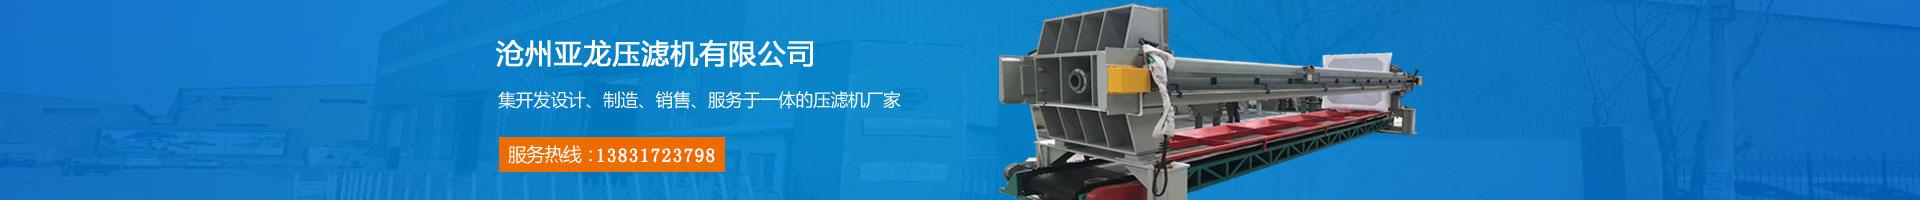 沧州亚龙压滤机有限公司